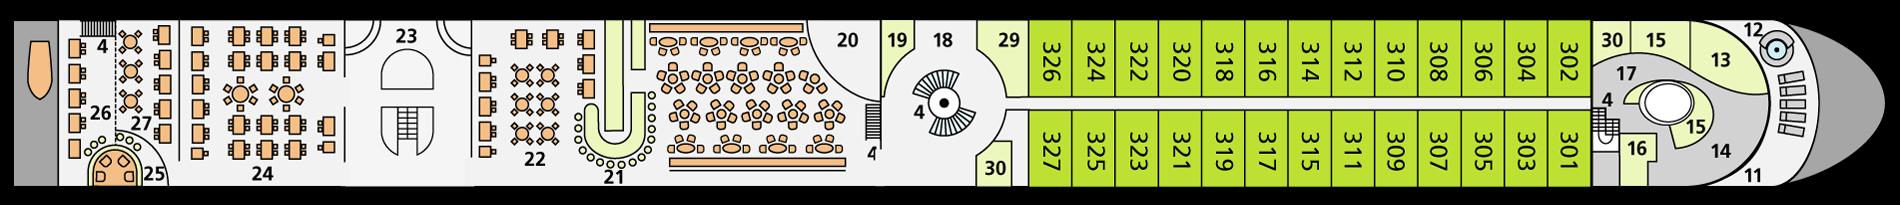 A-ROSA AQUA Deck 3